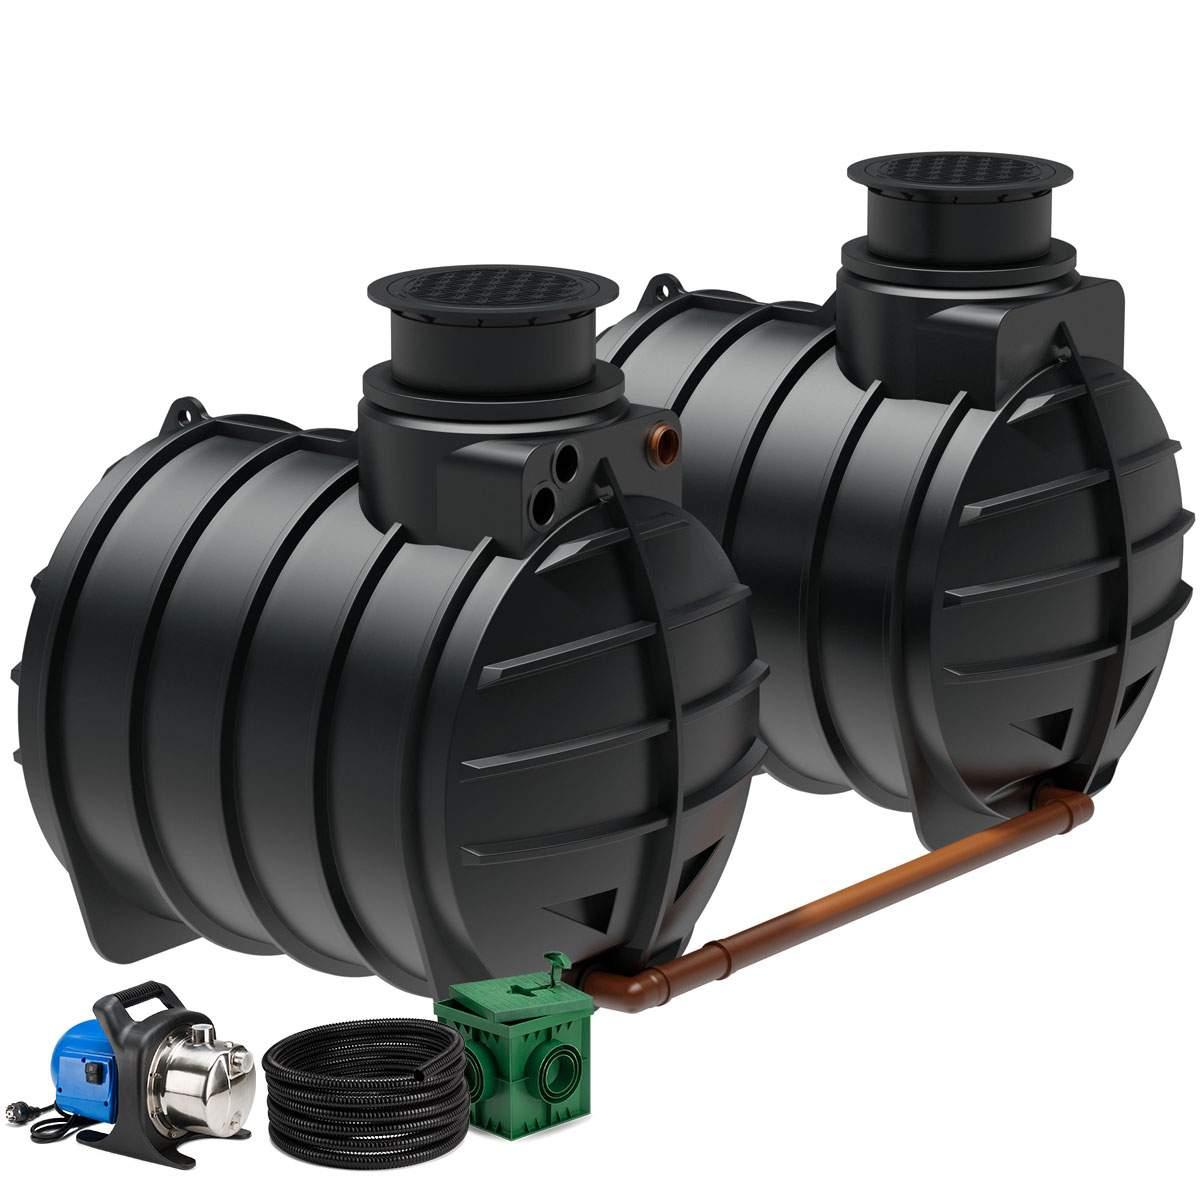 garten pumpe inspirierend regenwasseranlage aqa line 8900 liter garten of garten pumpe